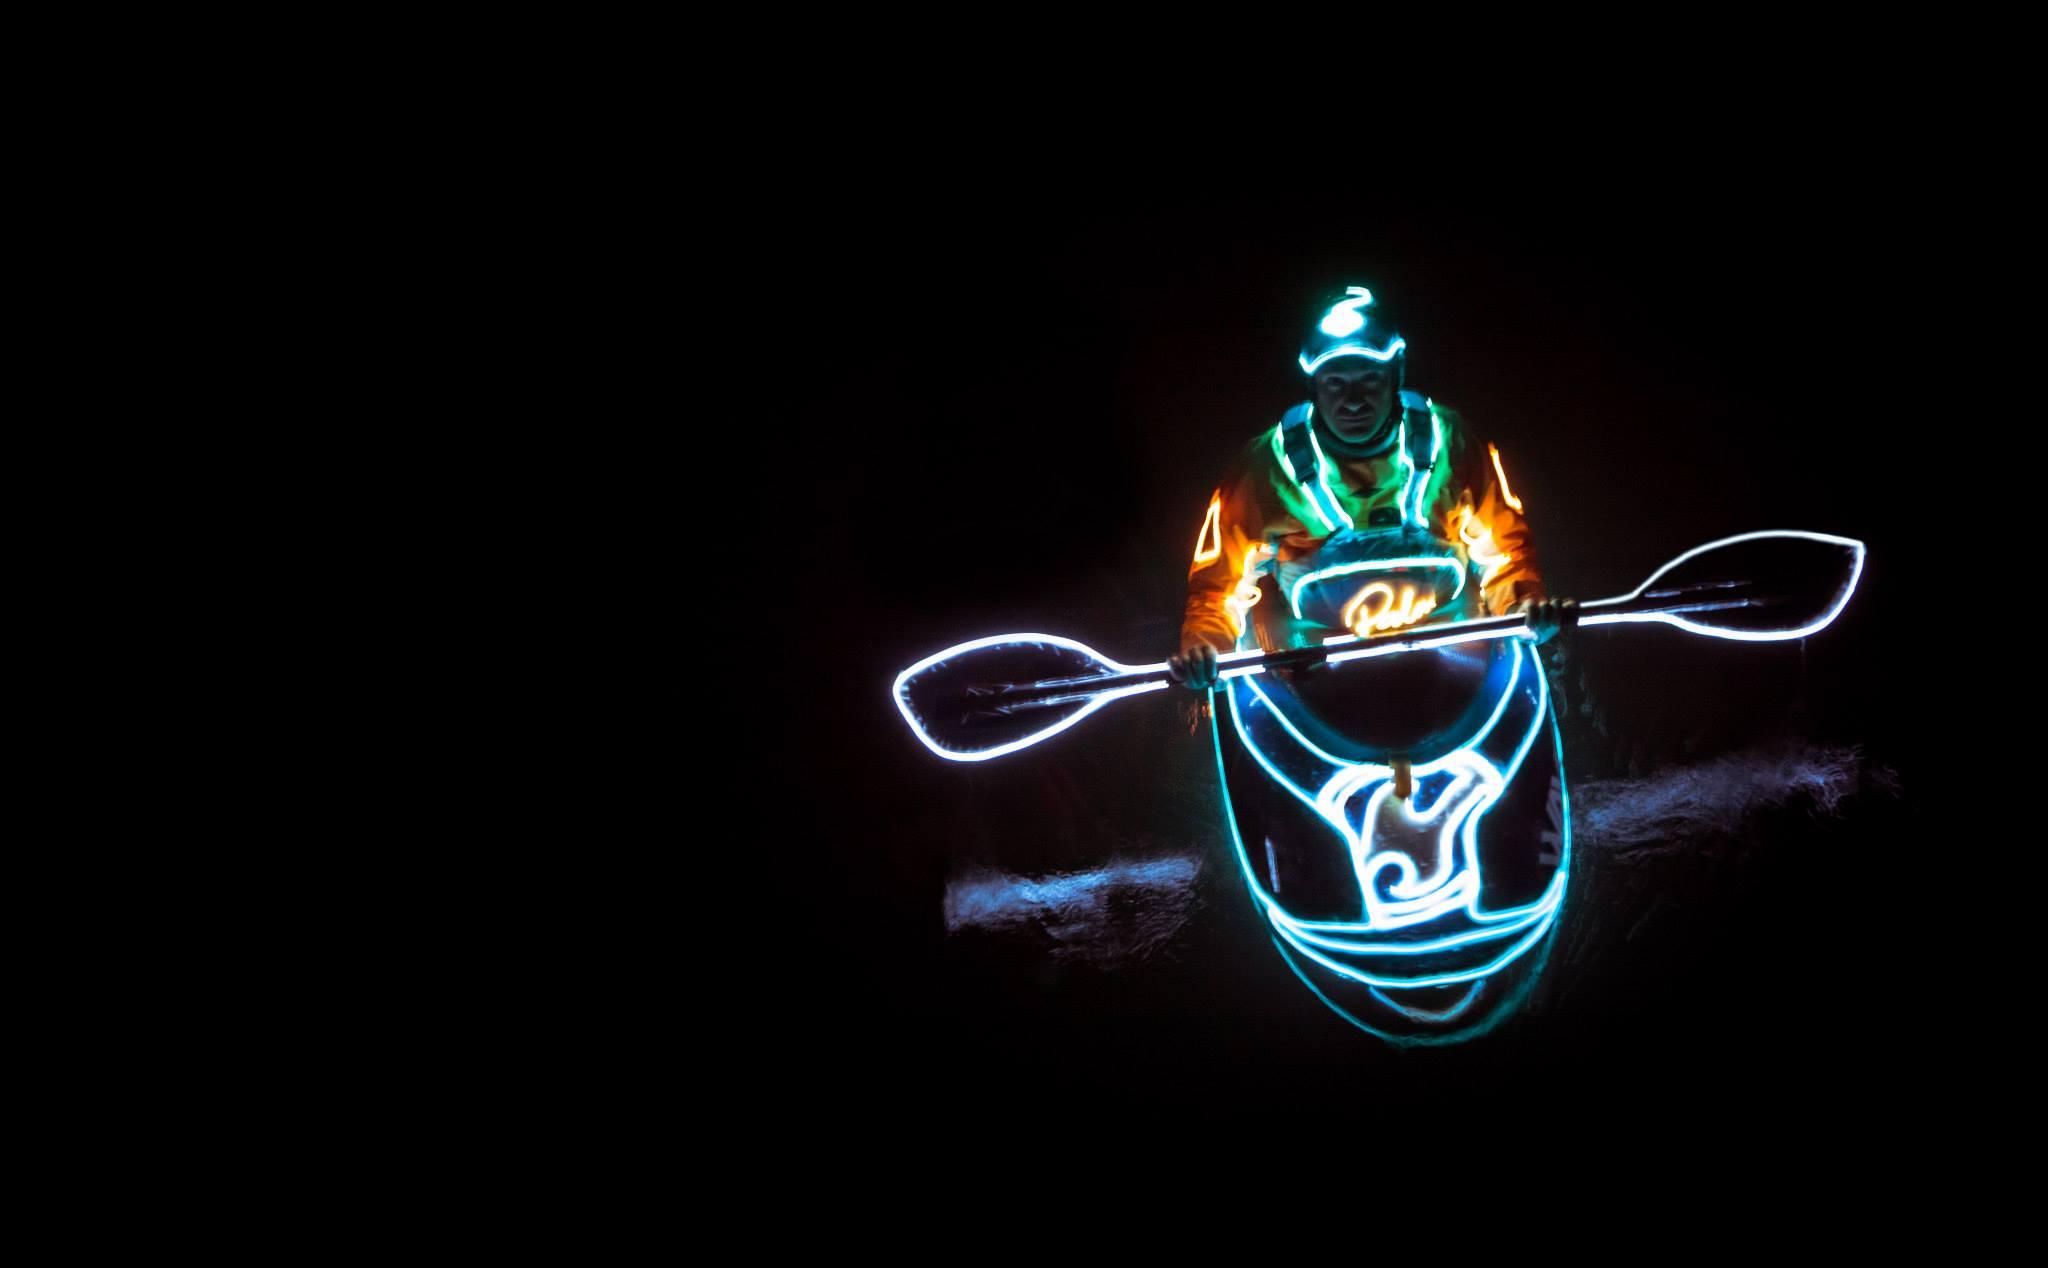 Kayak lighting part 2 types of kayak lighting for Kayak lights for night fishing